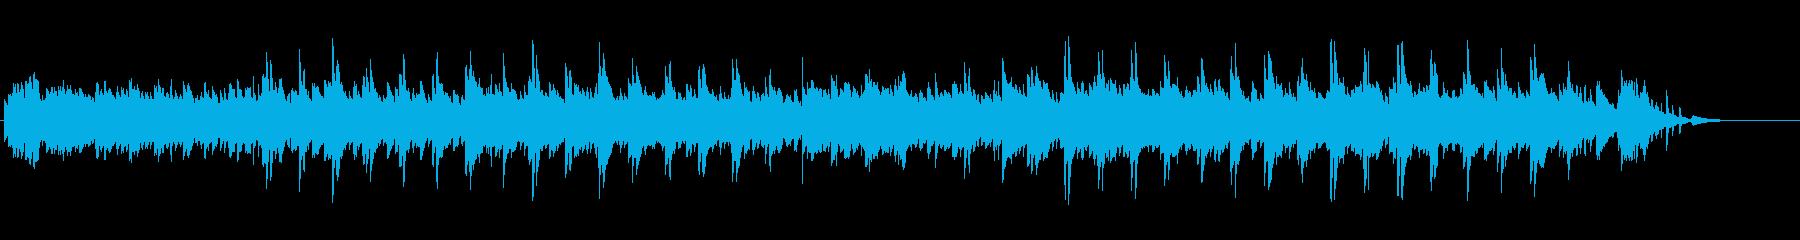 安らぎ・癒し・温かさ・ピアノバラードの再生済みの波形